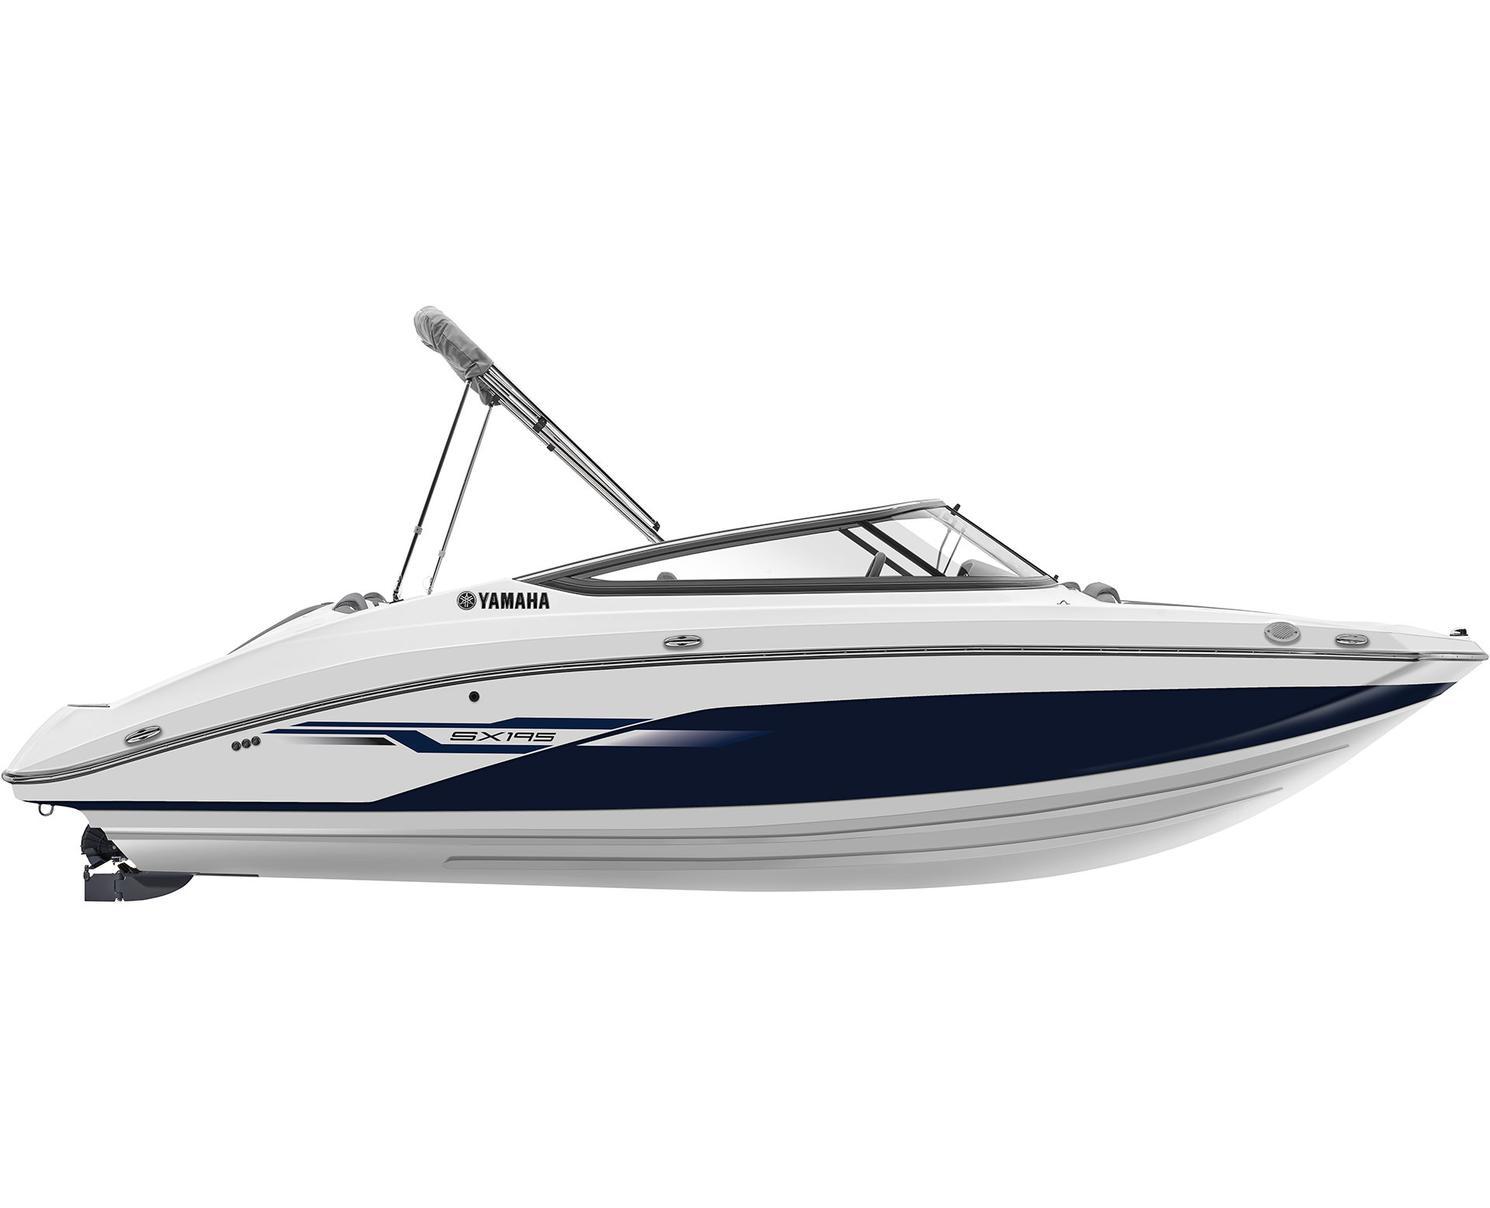 2022 Yamaha SX195 Yacht Blue